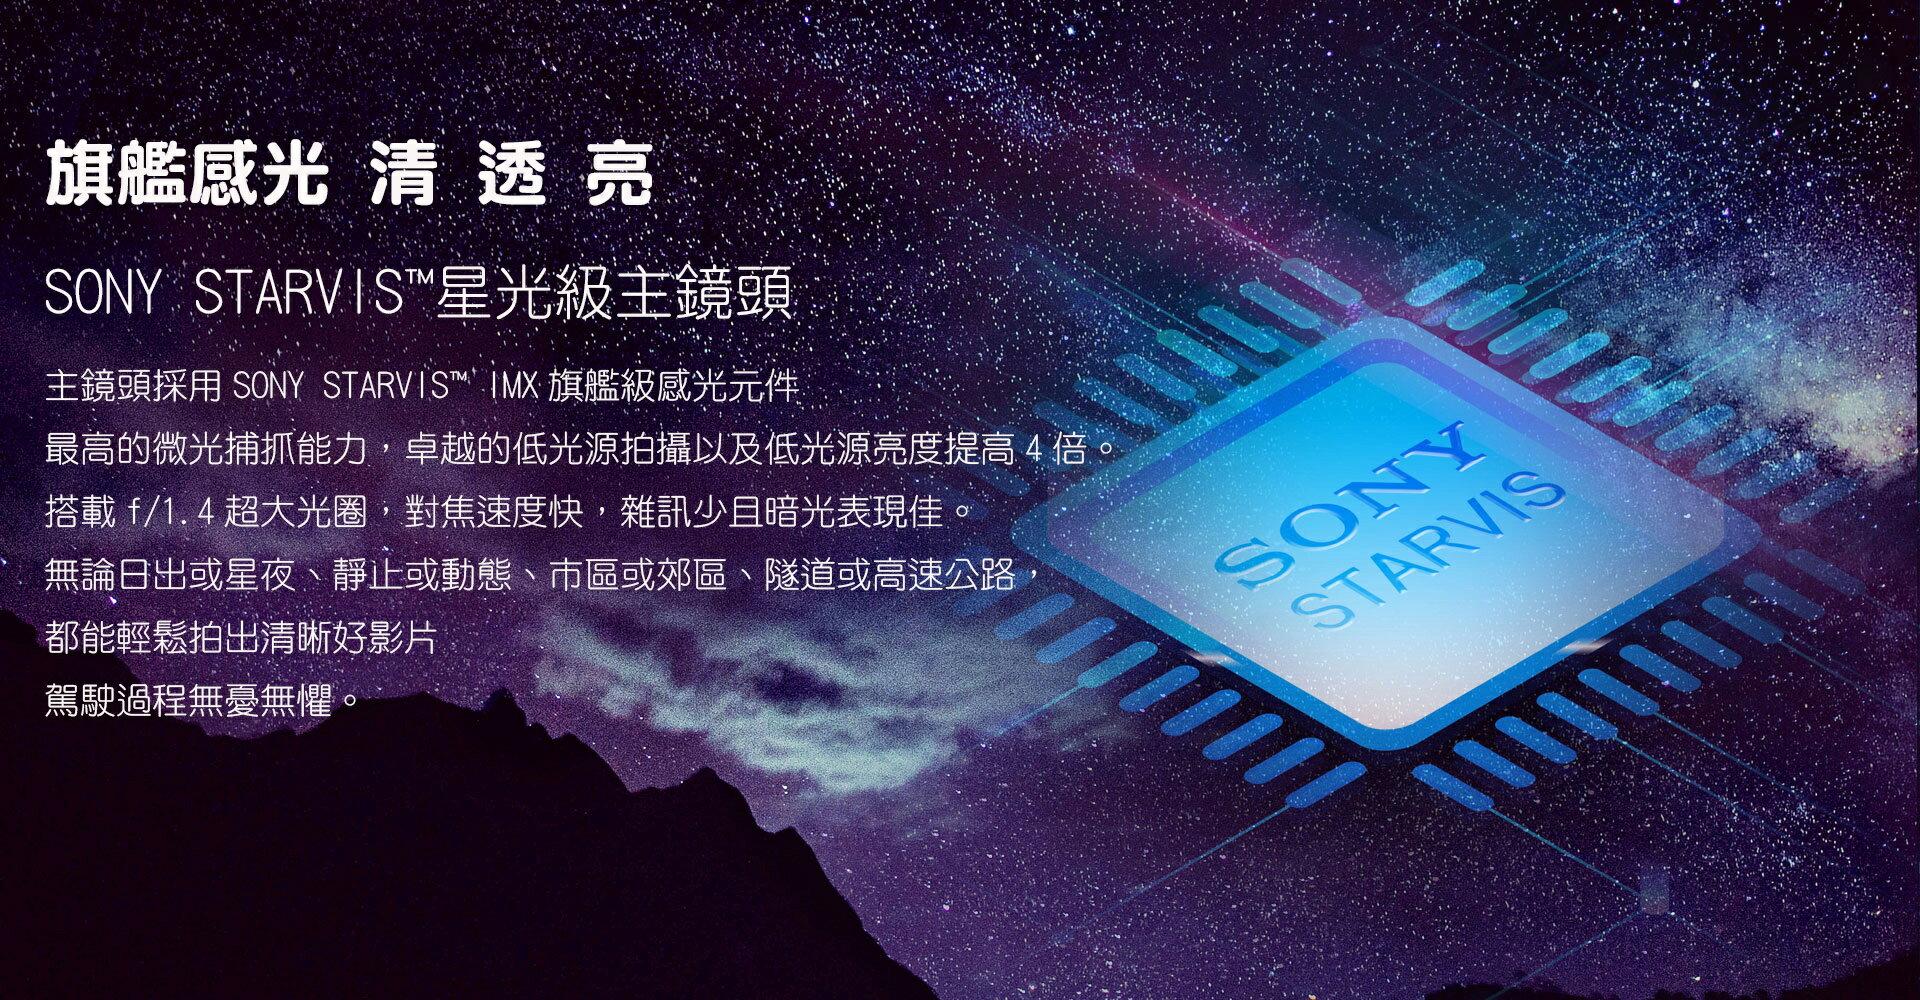 MASI S528D【送64G】夜視旗艦 GPS/WIFI 雙鏡頭行車記錄器 前後鏡頭行車紀錄器 SONY感光元件 區間測速 保固三年